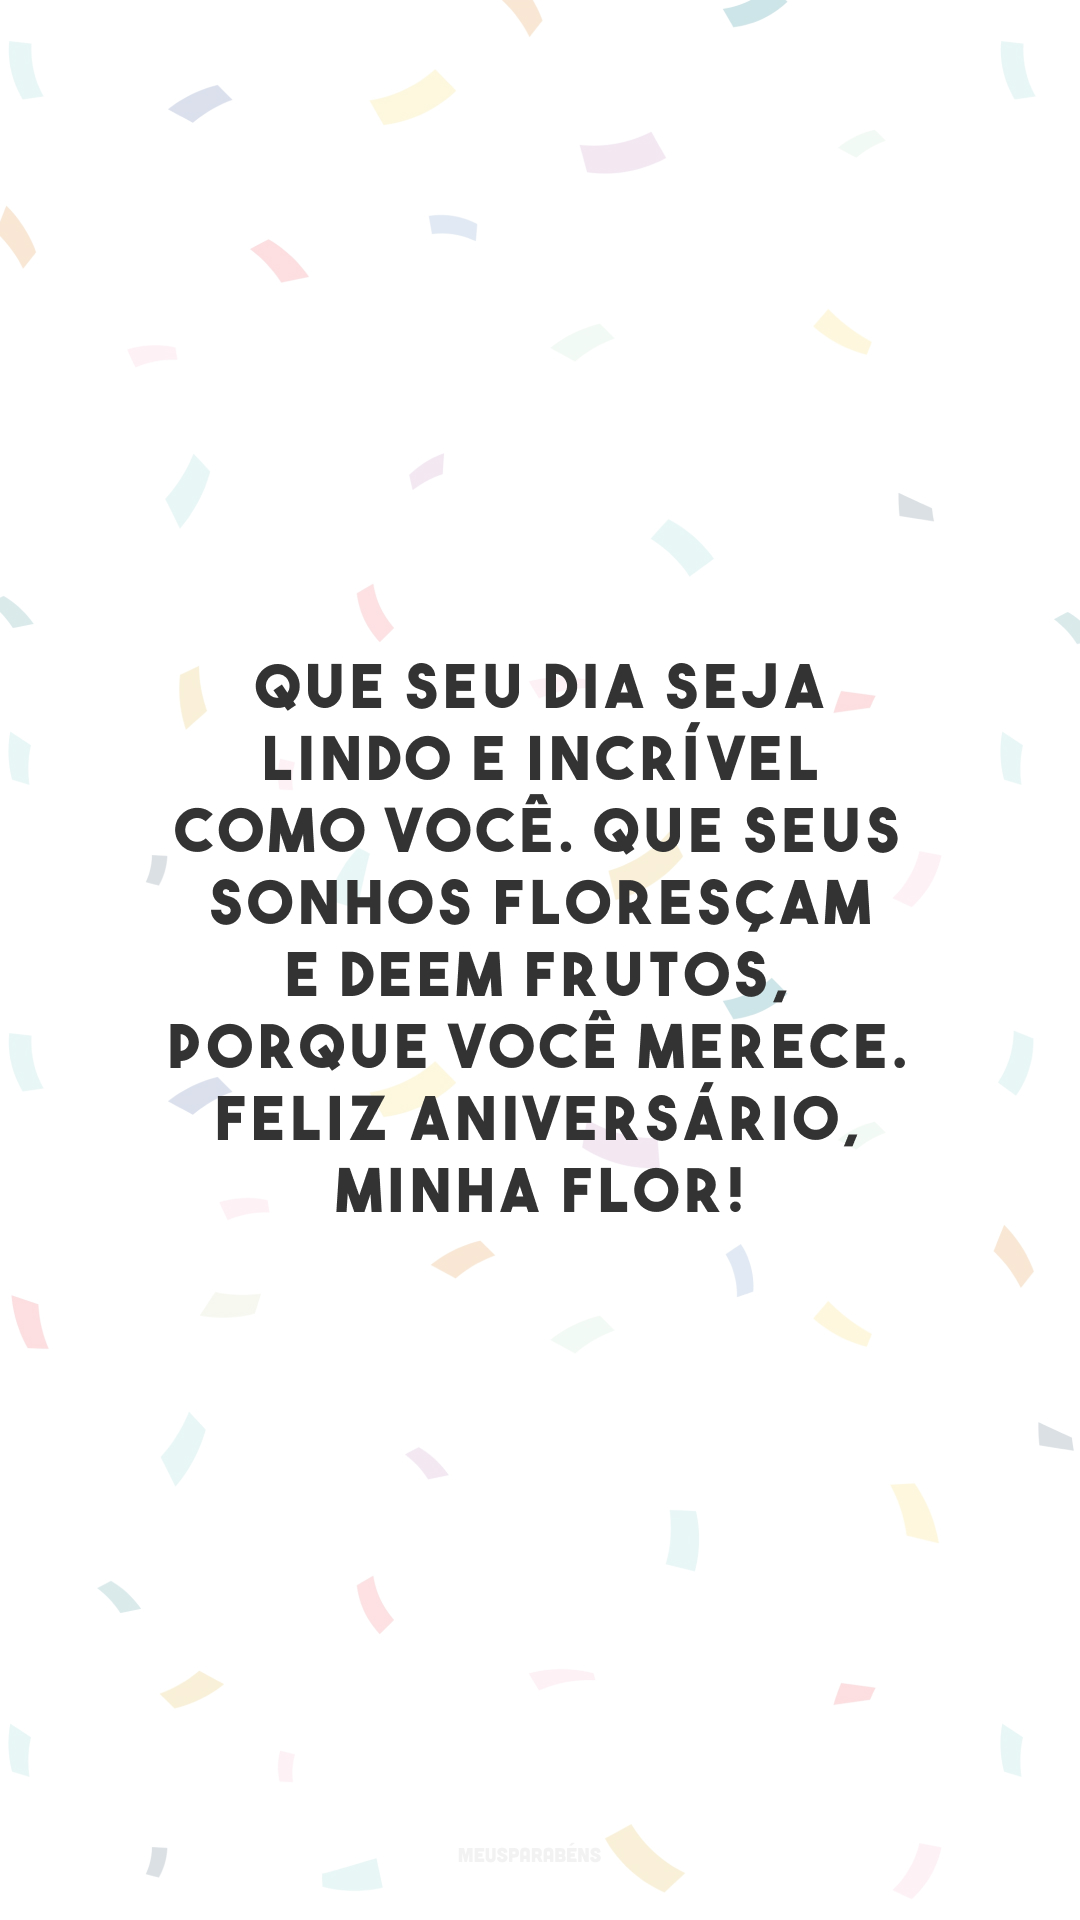 Que seu dia seja lindo e incrível como você. Que seus sonhos floresçam e deem frutos, porque você merece. Feliz aniversário, minha flor!